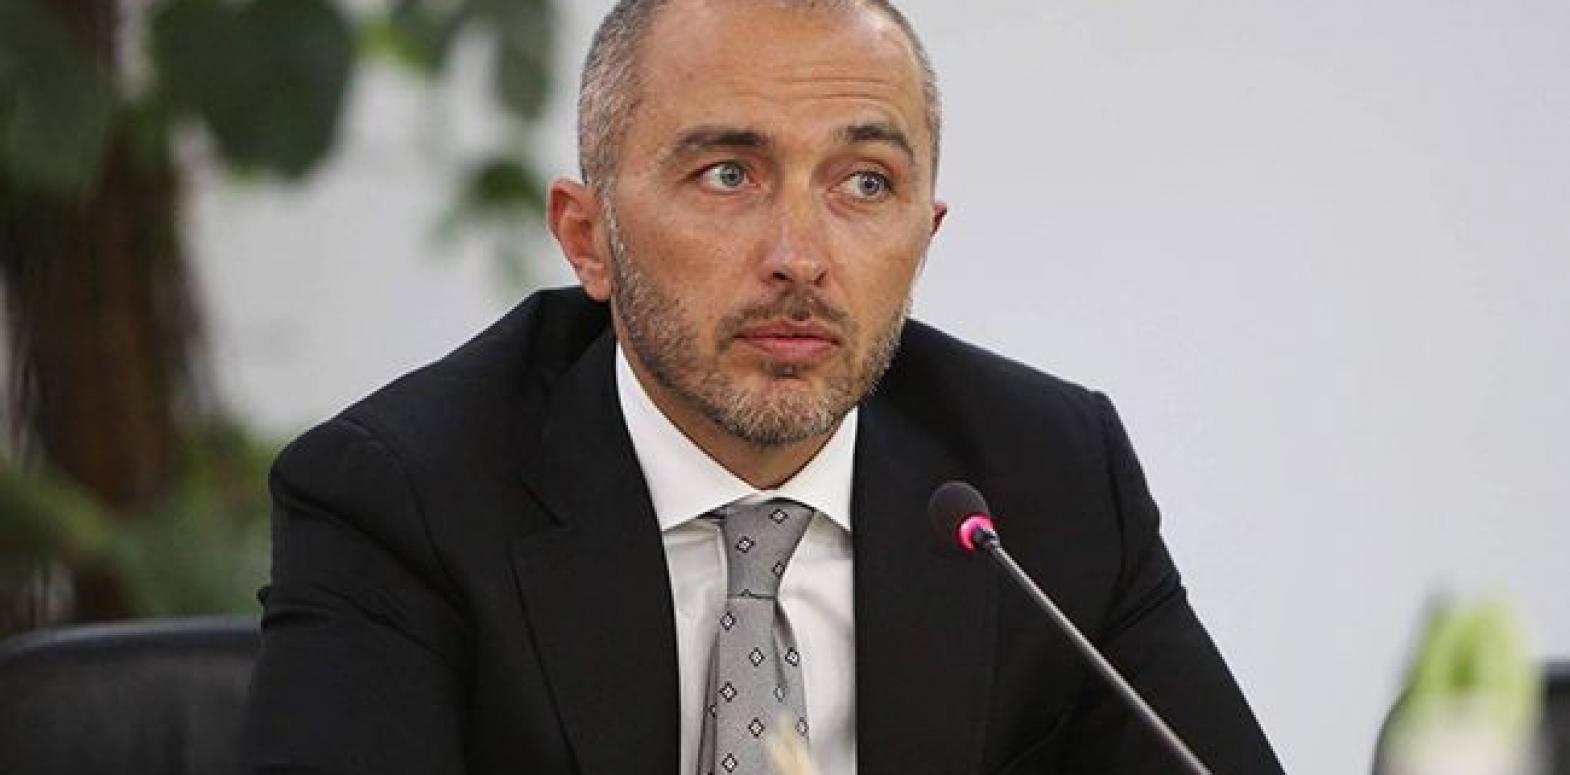 НБУ обжалует в Кабмине назначение Пышного главой Ощадбанка без конкурса